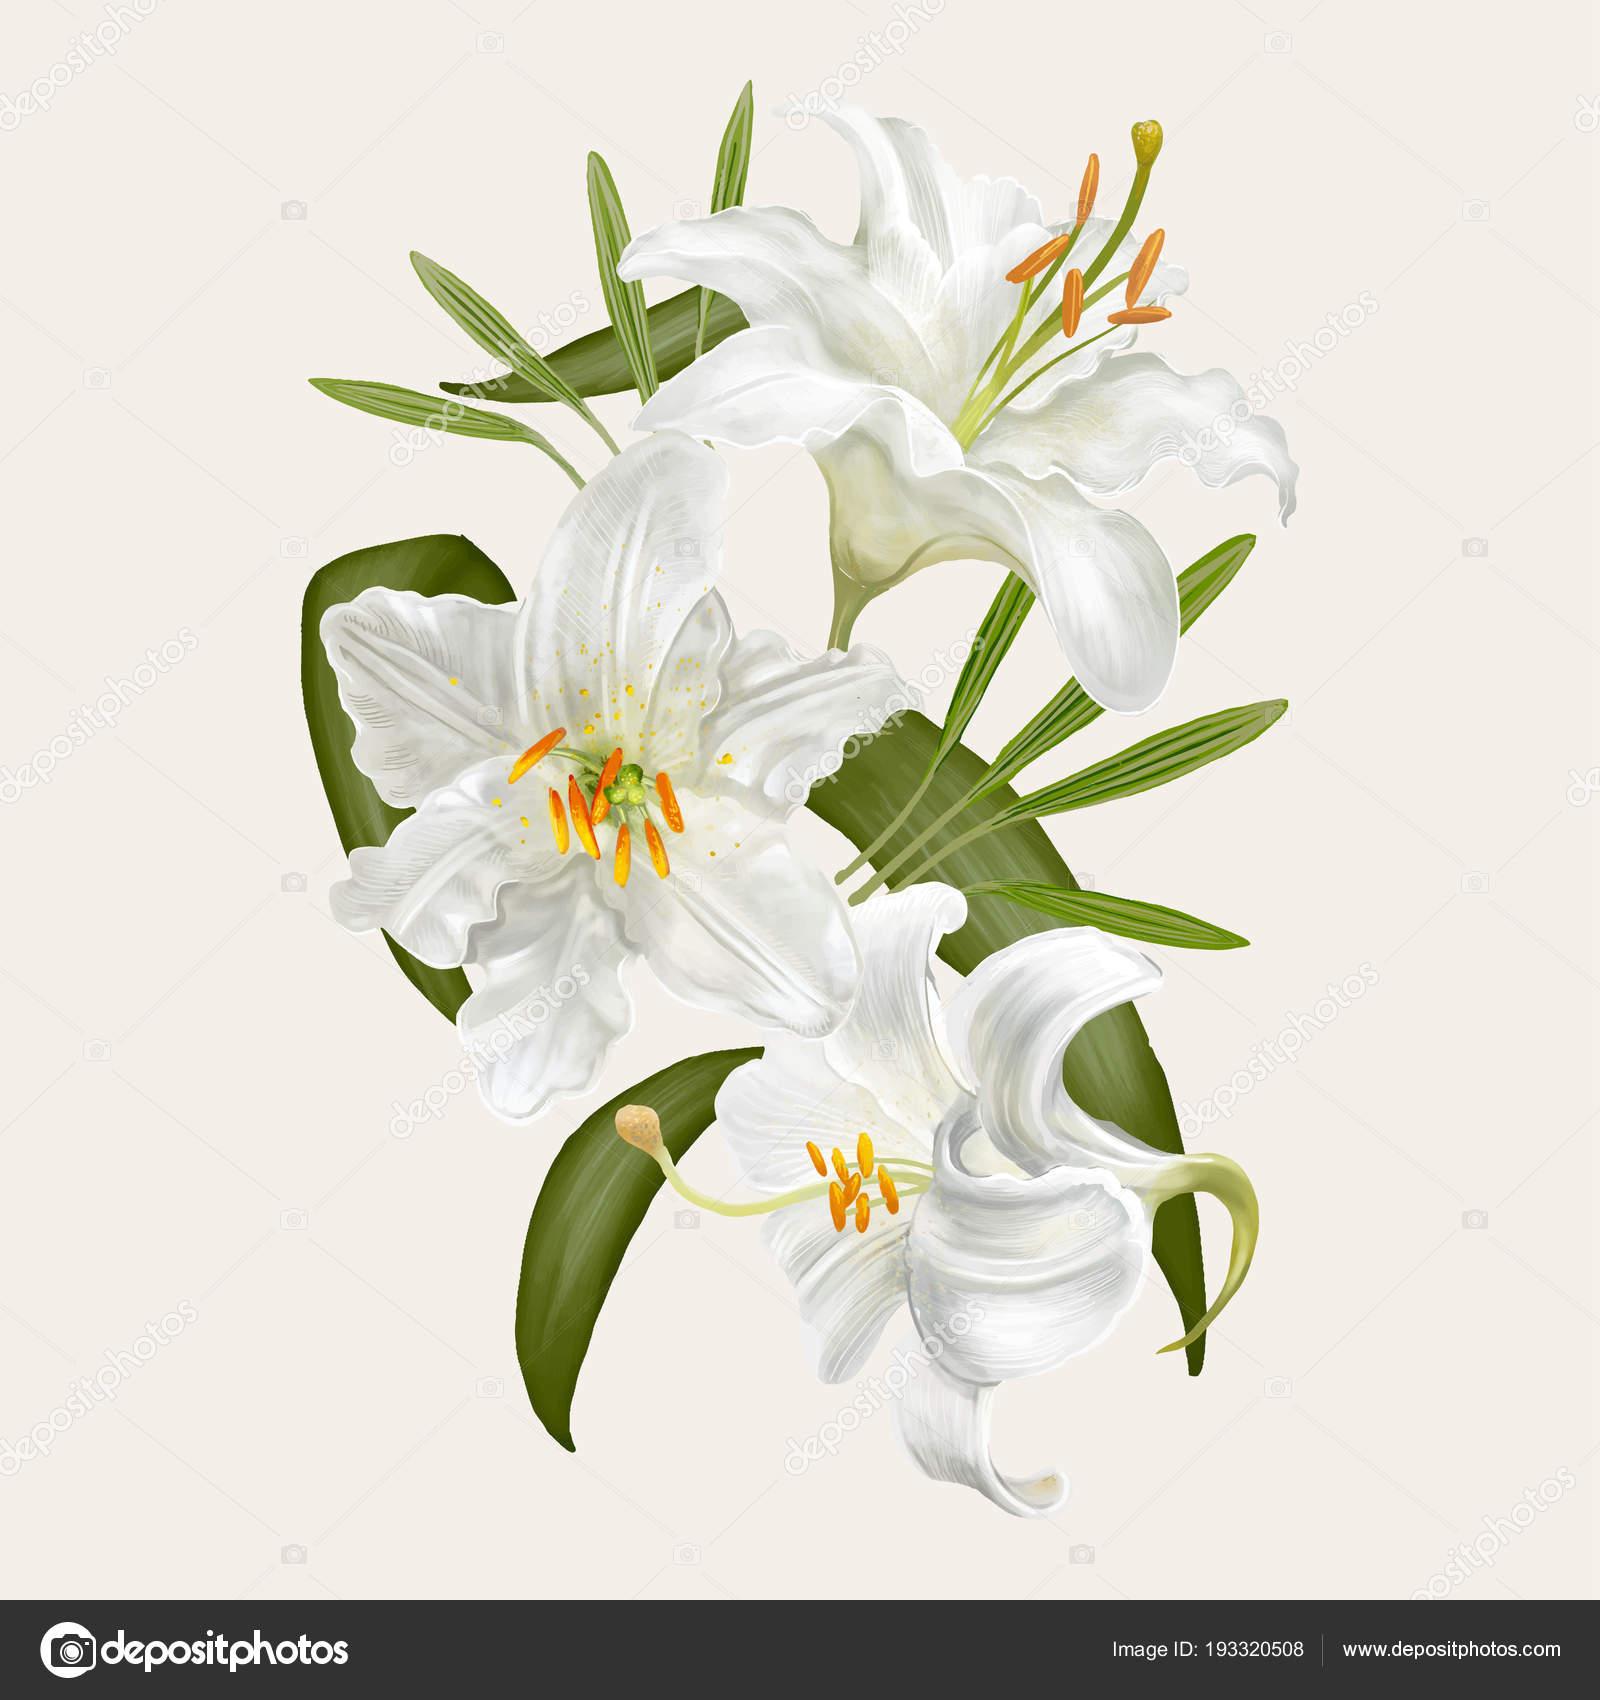 Illustration Dessin Fleurs Lys Photographie Rawpixel C 193320508